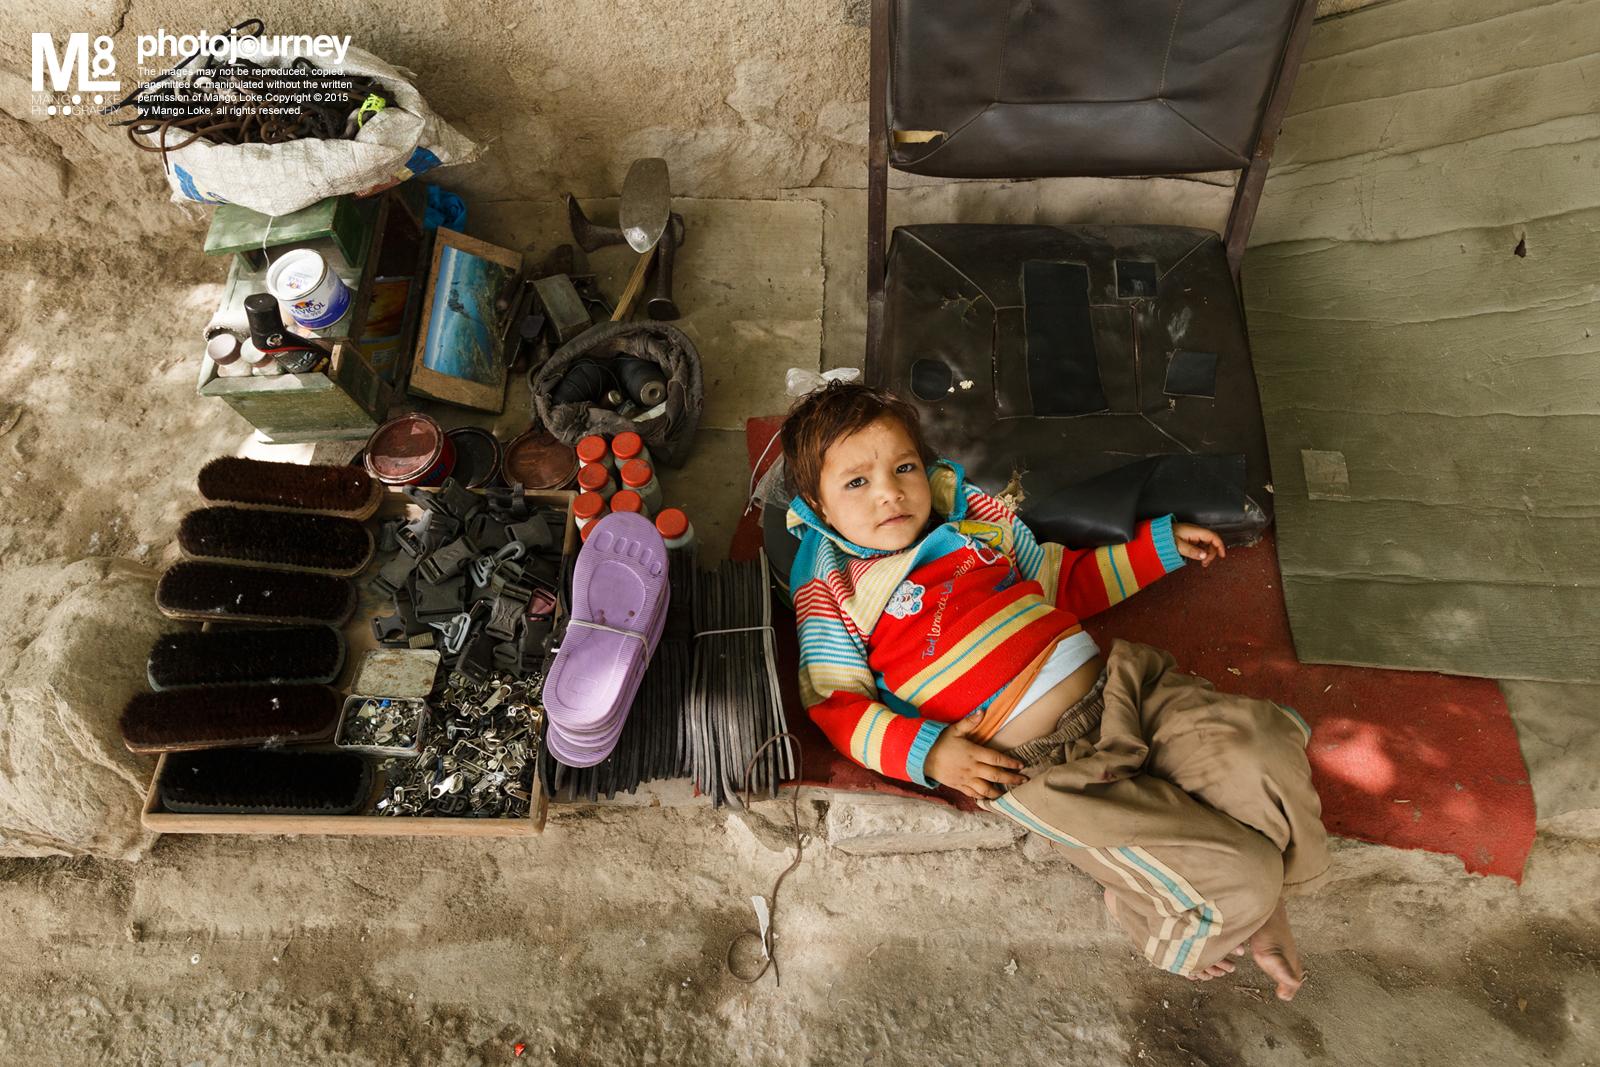 补鞋档的小孩. The Children at the Cobbler Store   India 2013CANON 1DX16-35mm F2.8L 1/80 F6.3ISO800   在Leh停留了十天,住在Changspa Road里面. 每日出门都必须经过Changspa Road大街路口. 路口旁有一印度人的补鞋档口,档口旁边还有一对年轻母子, 除了晚上,大致上每次出入路口都会看见他们, 有时候会摆起民族首饰摆卖,有时候只是坐着伸手讨吃。而那大概四五岁的小孩,有时候哭着让妈妈给喂饭,有时候嘻哈哈的与路人逗玩,这边跳跳,那边跑跑, 很自由似的自得其乐.  回顾当日一次路过拍下哪小孩的照片, 很自然的就会将他与自家国内的小孩做比较. 哪一方会哪一方比较开心?快乐?有前景?多想了,我不懂.